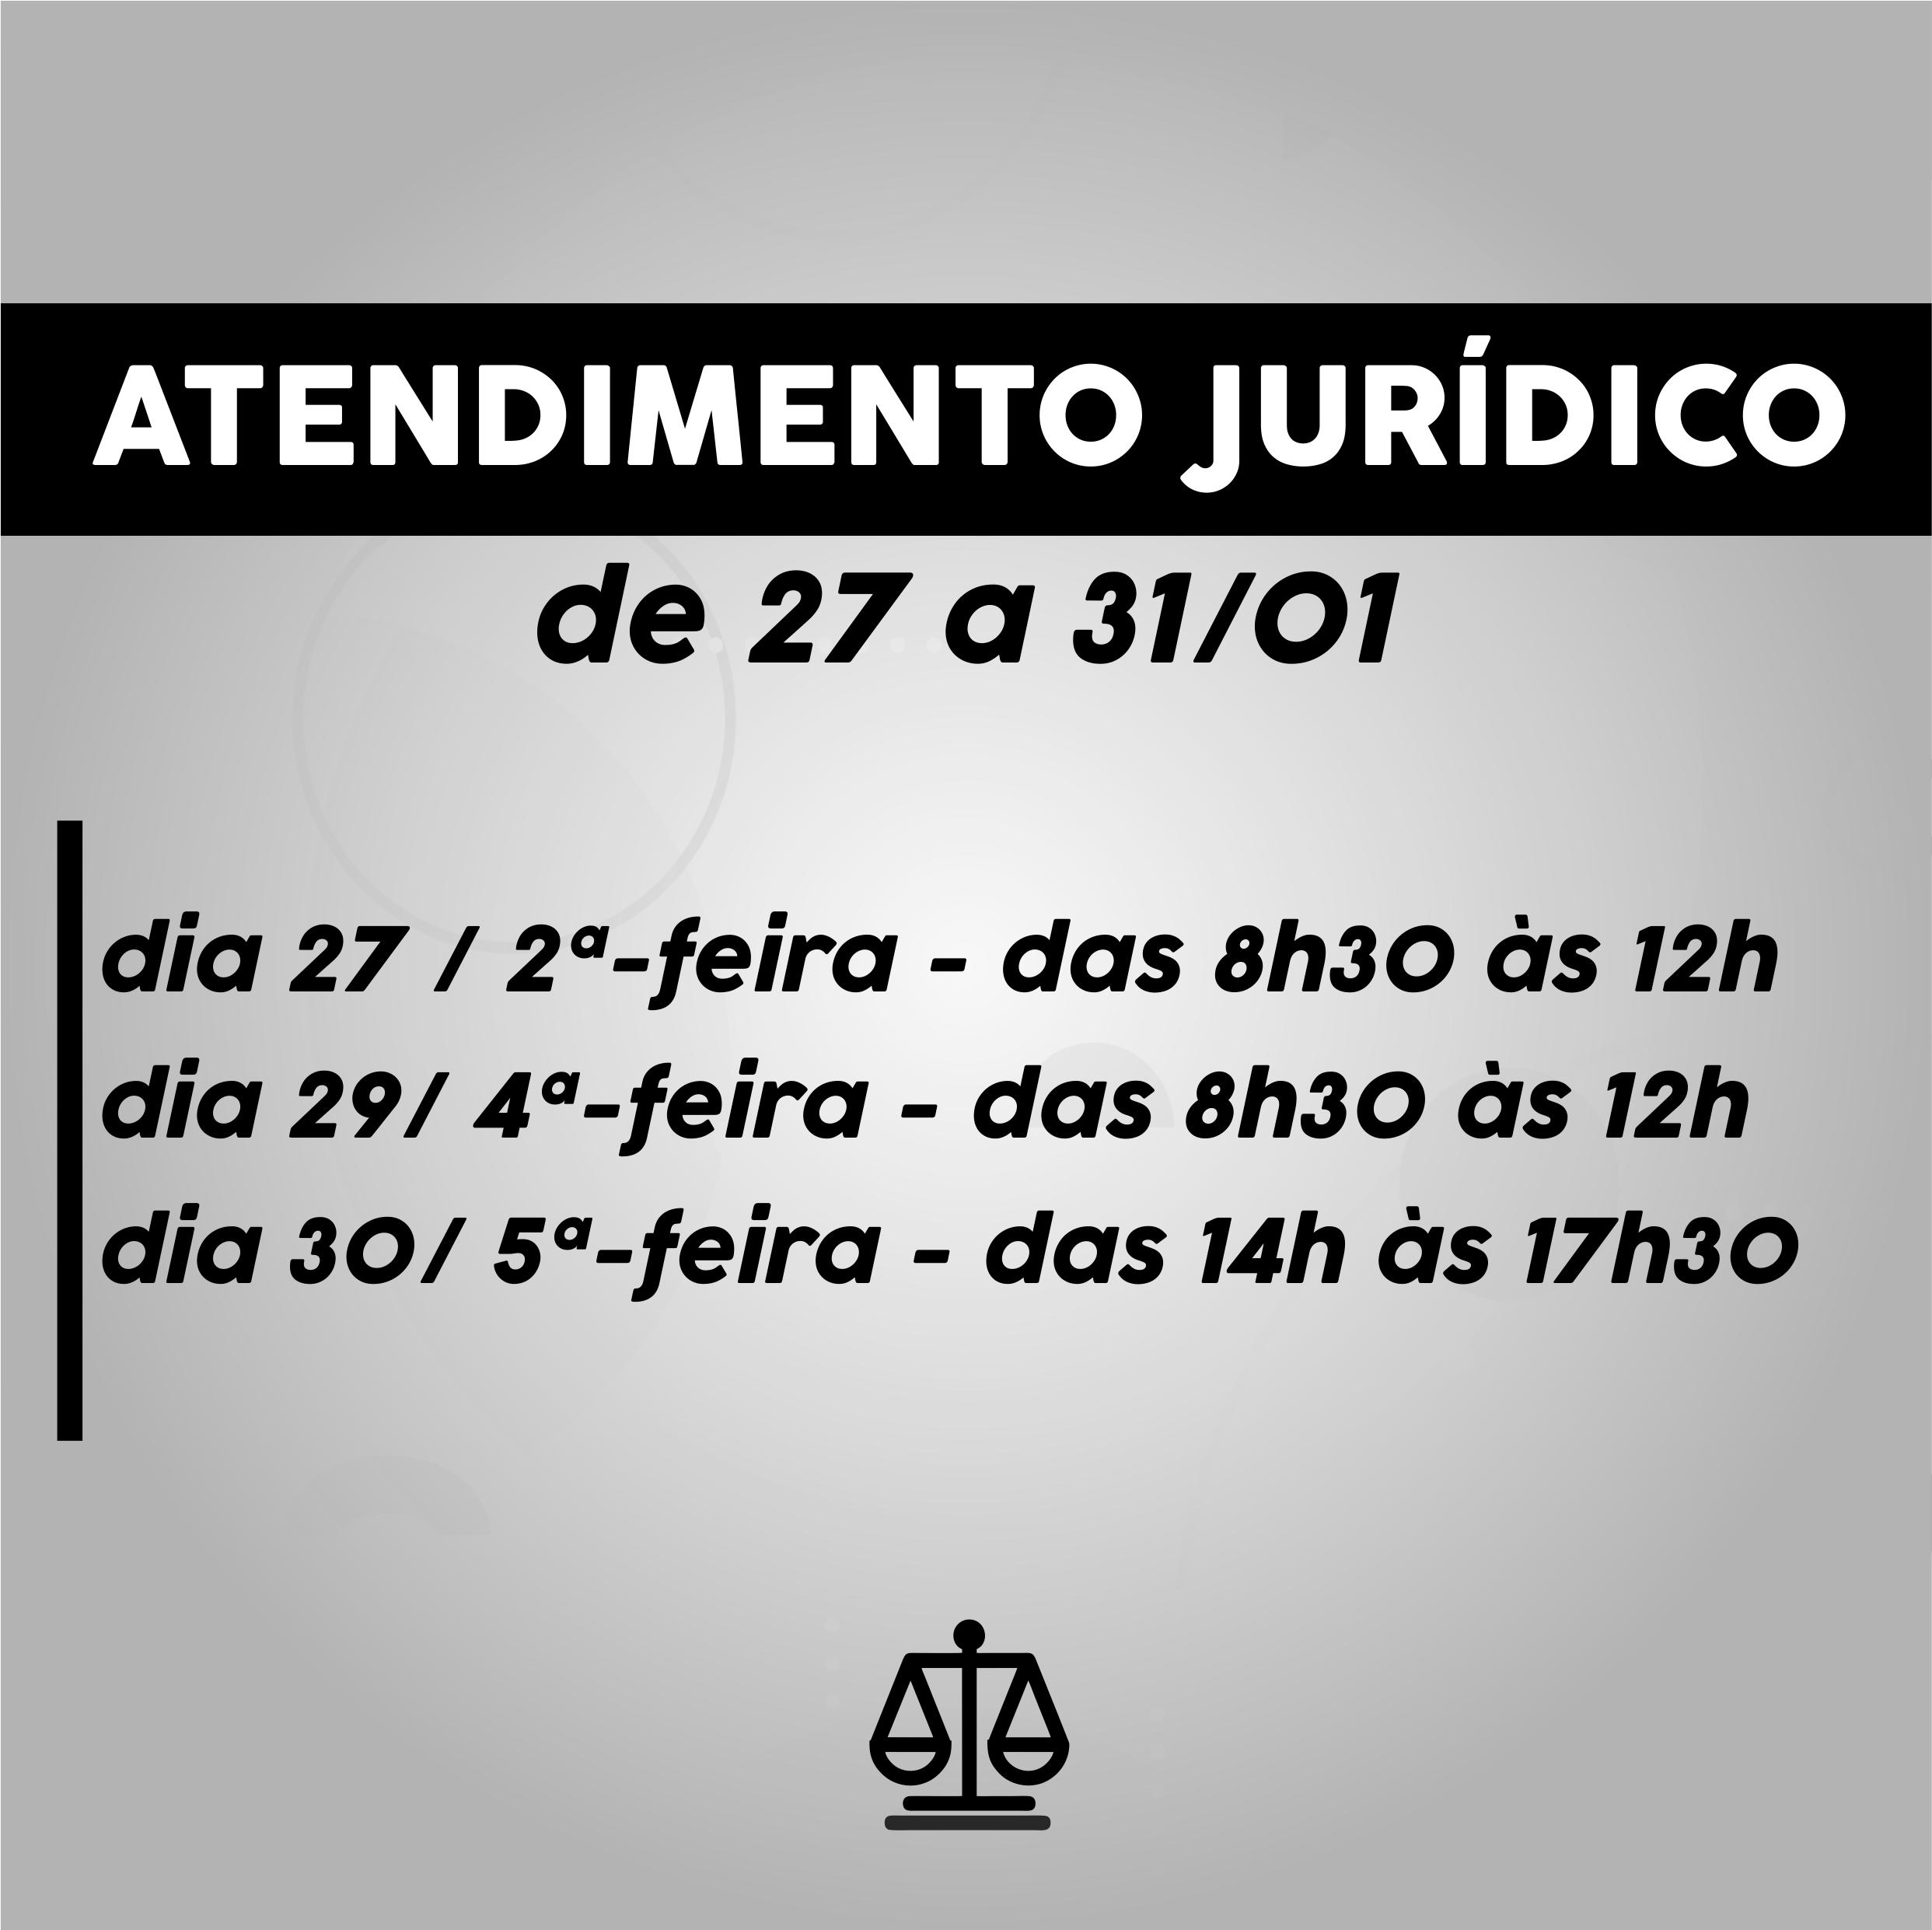 Atendimento jurídico: horários